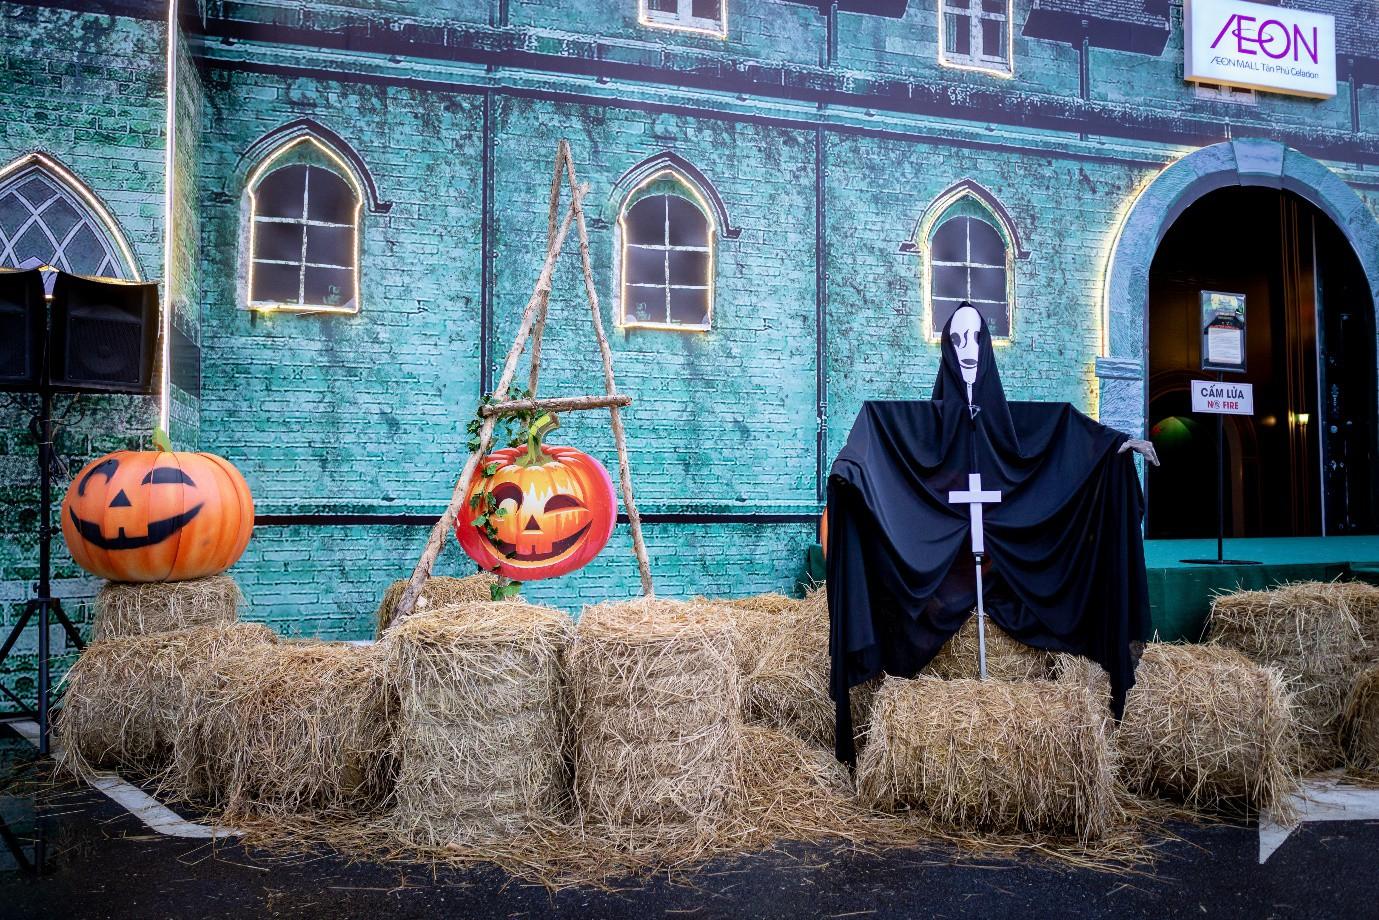 Trải nghiệm Halloween huyền bí tại Aeon Mall Tân Phú Celadon - Ảnh 3.